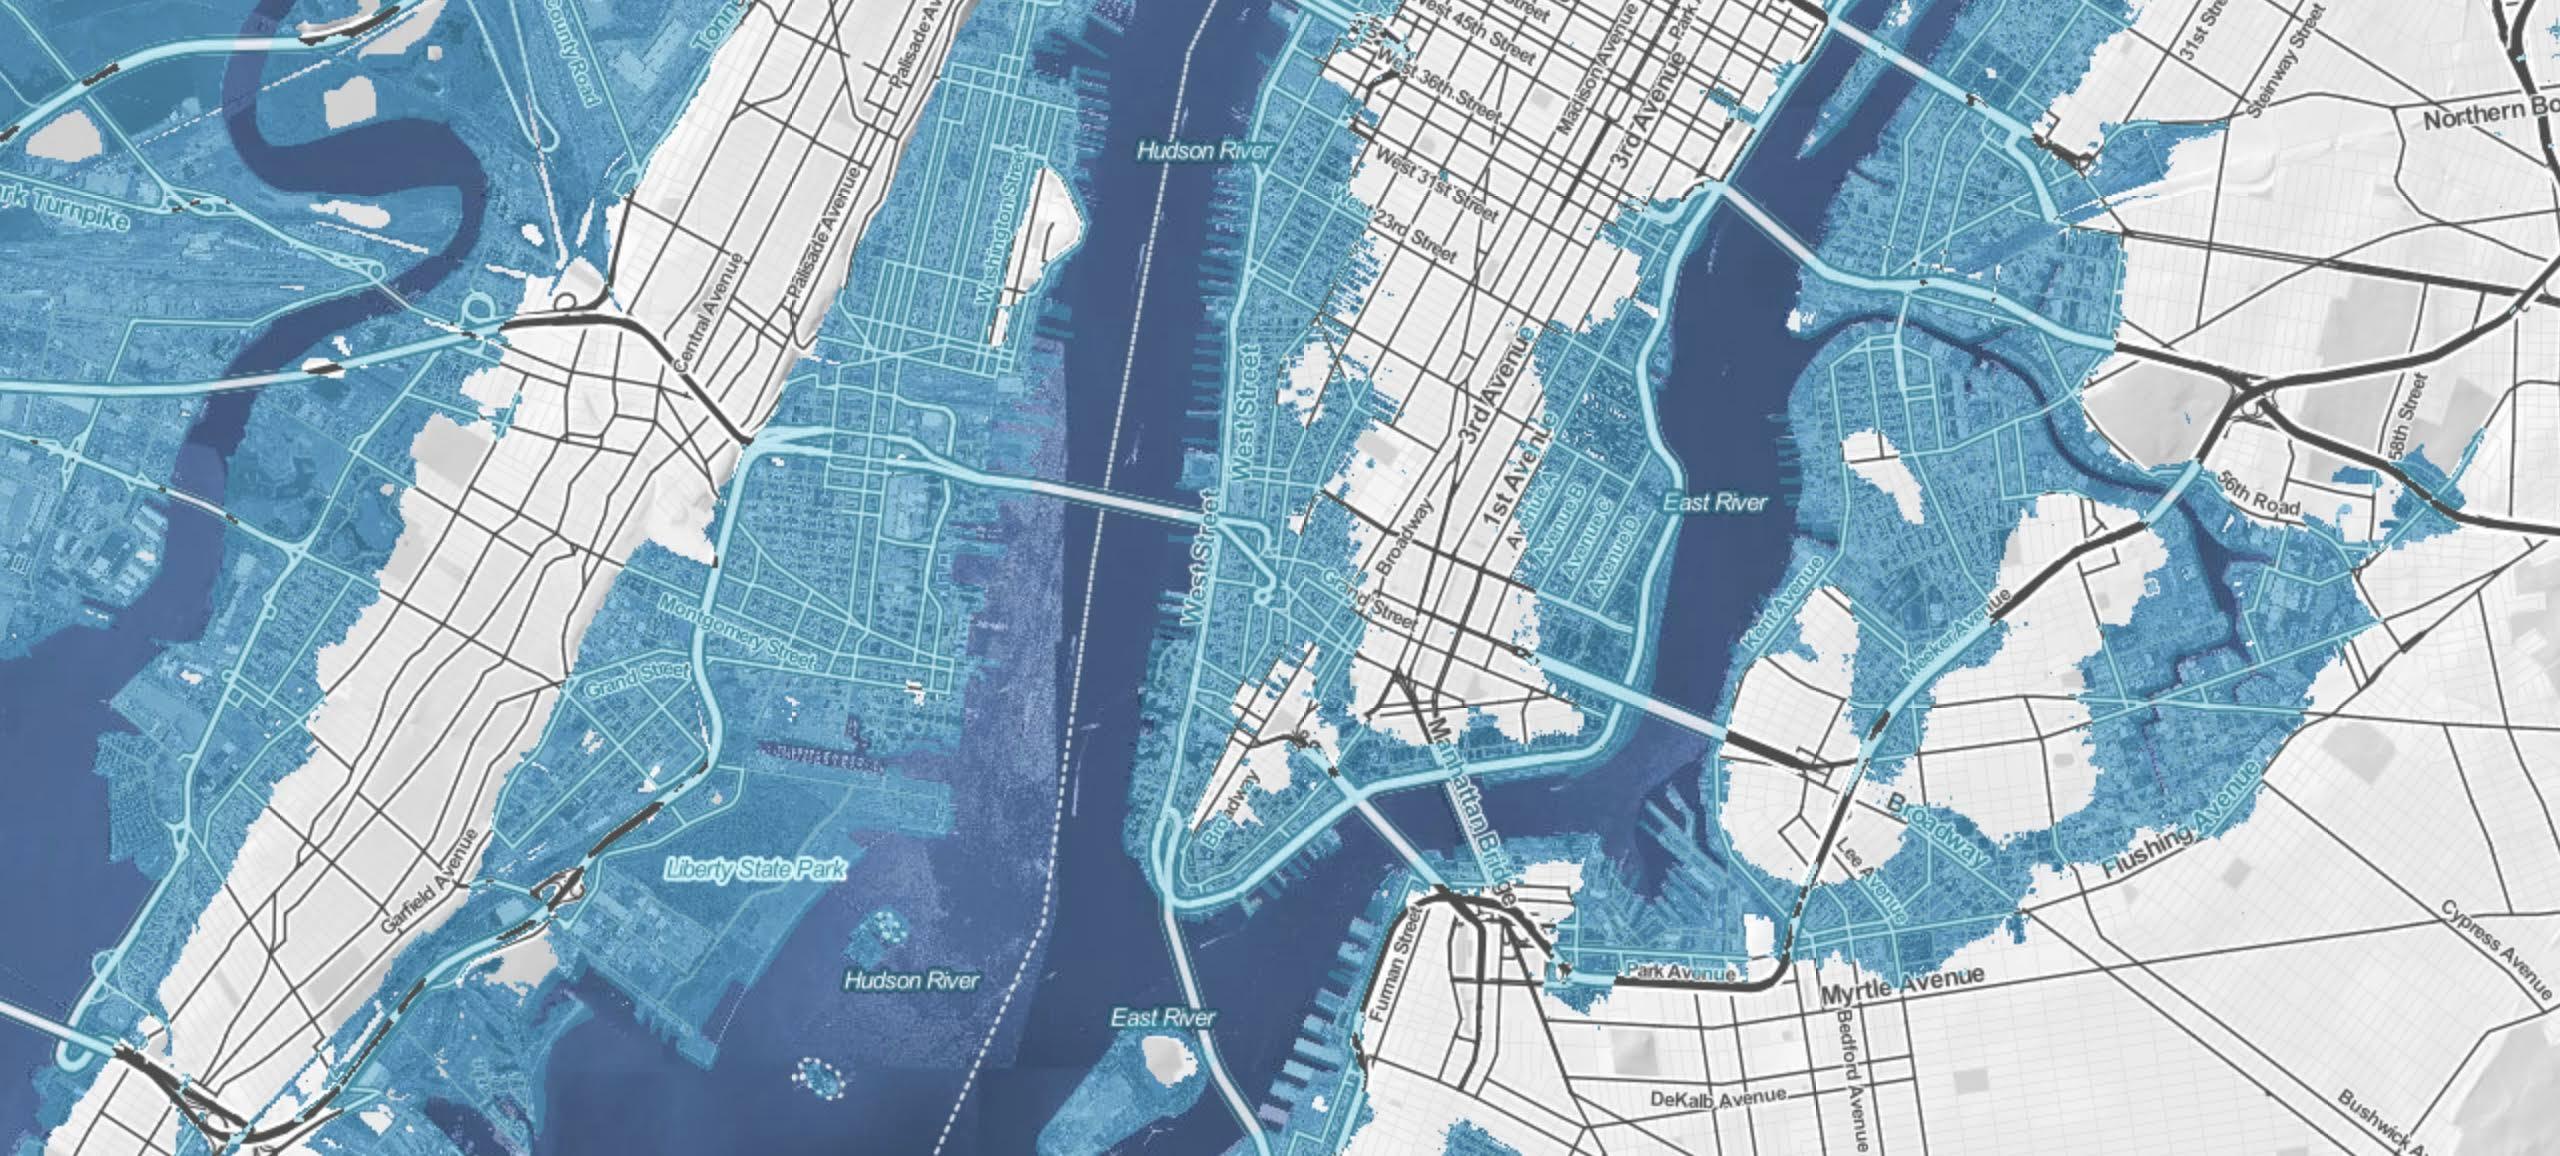 The Flood Maps